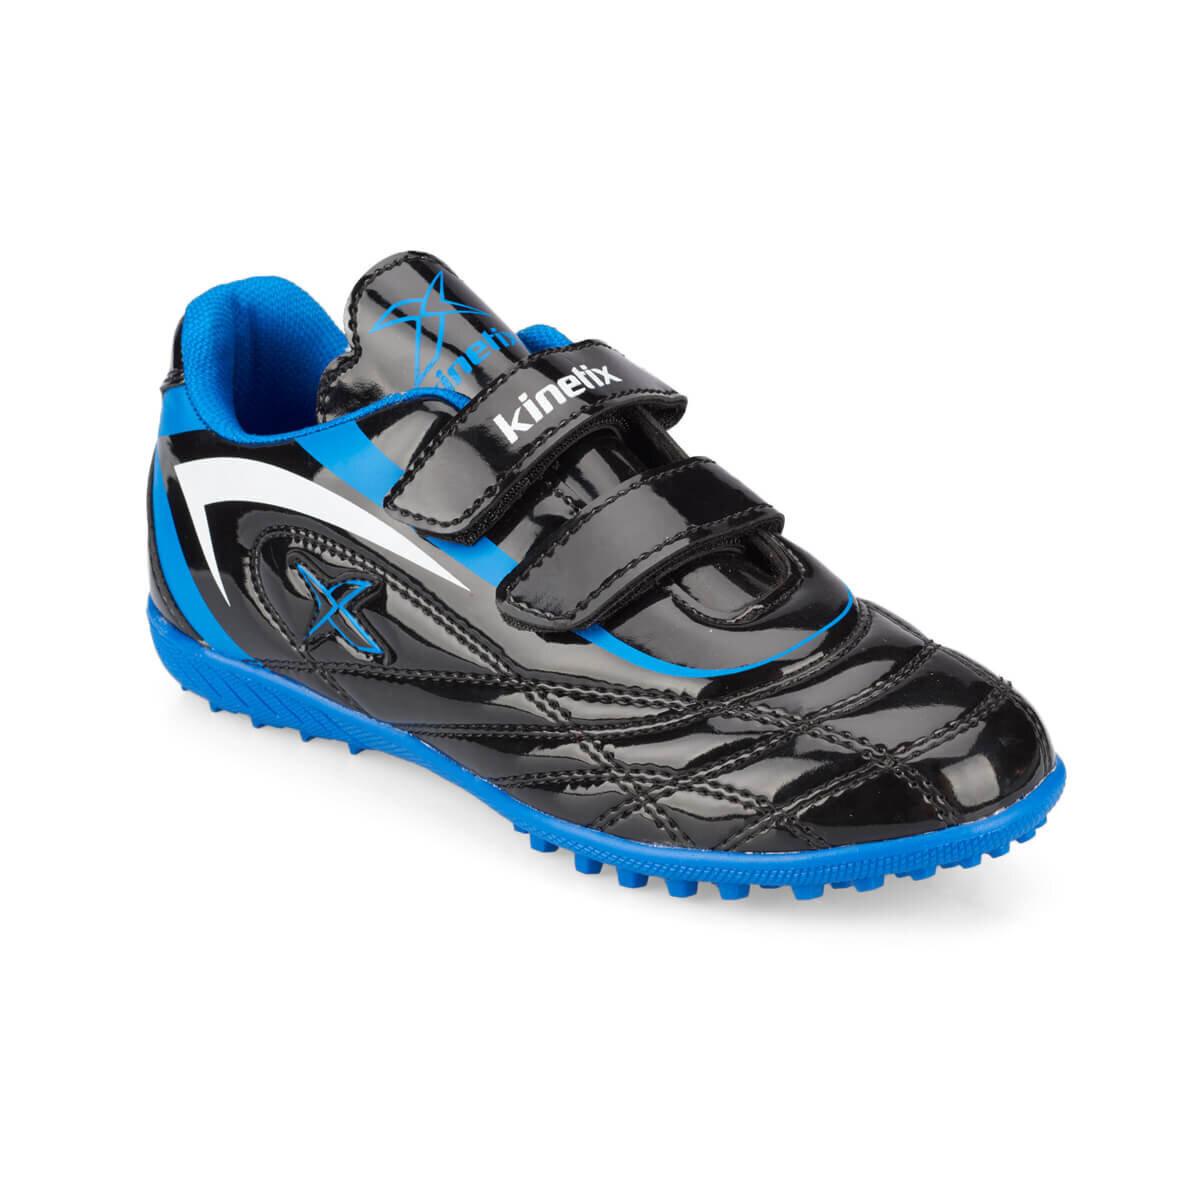 SIYAH Erkek Çocuk Halı Saha Ayakkabısı SERGE TURF